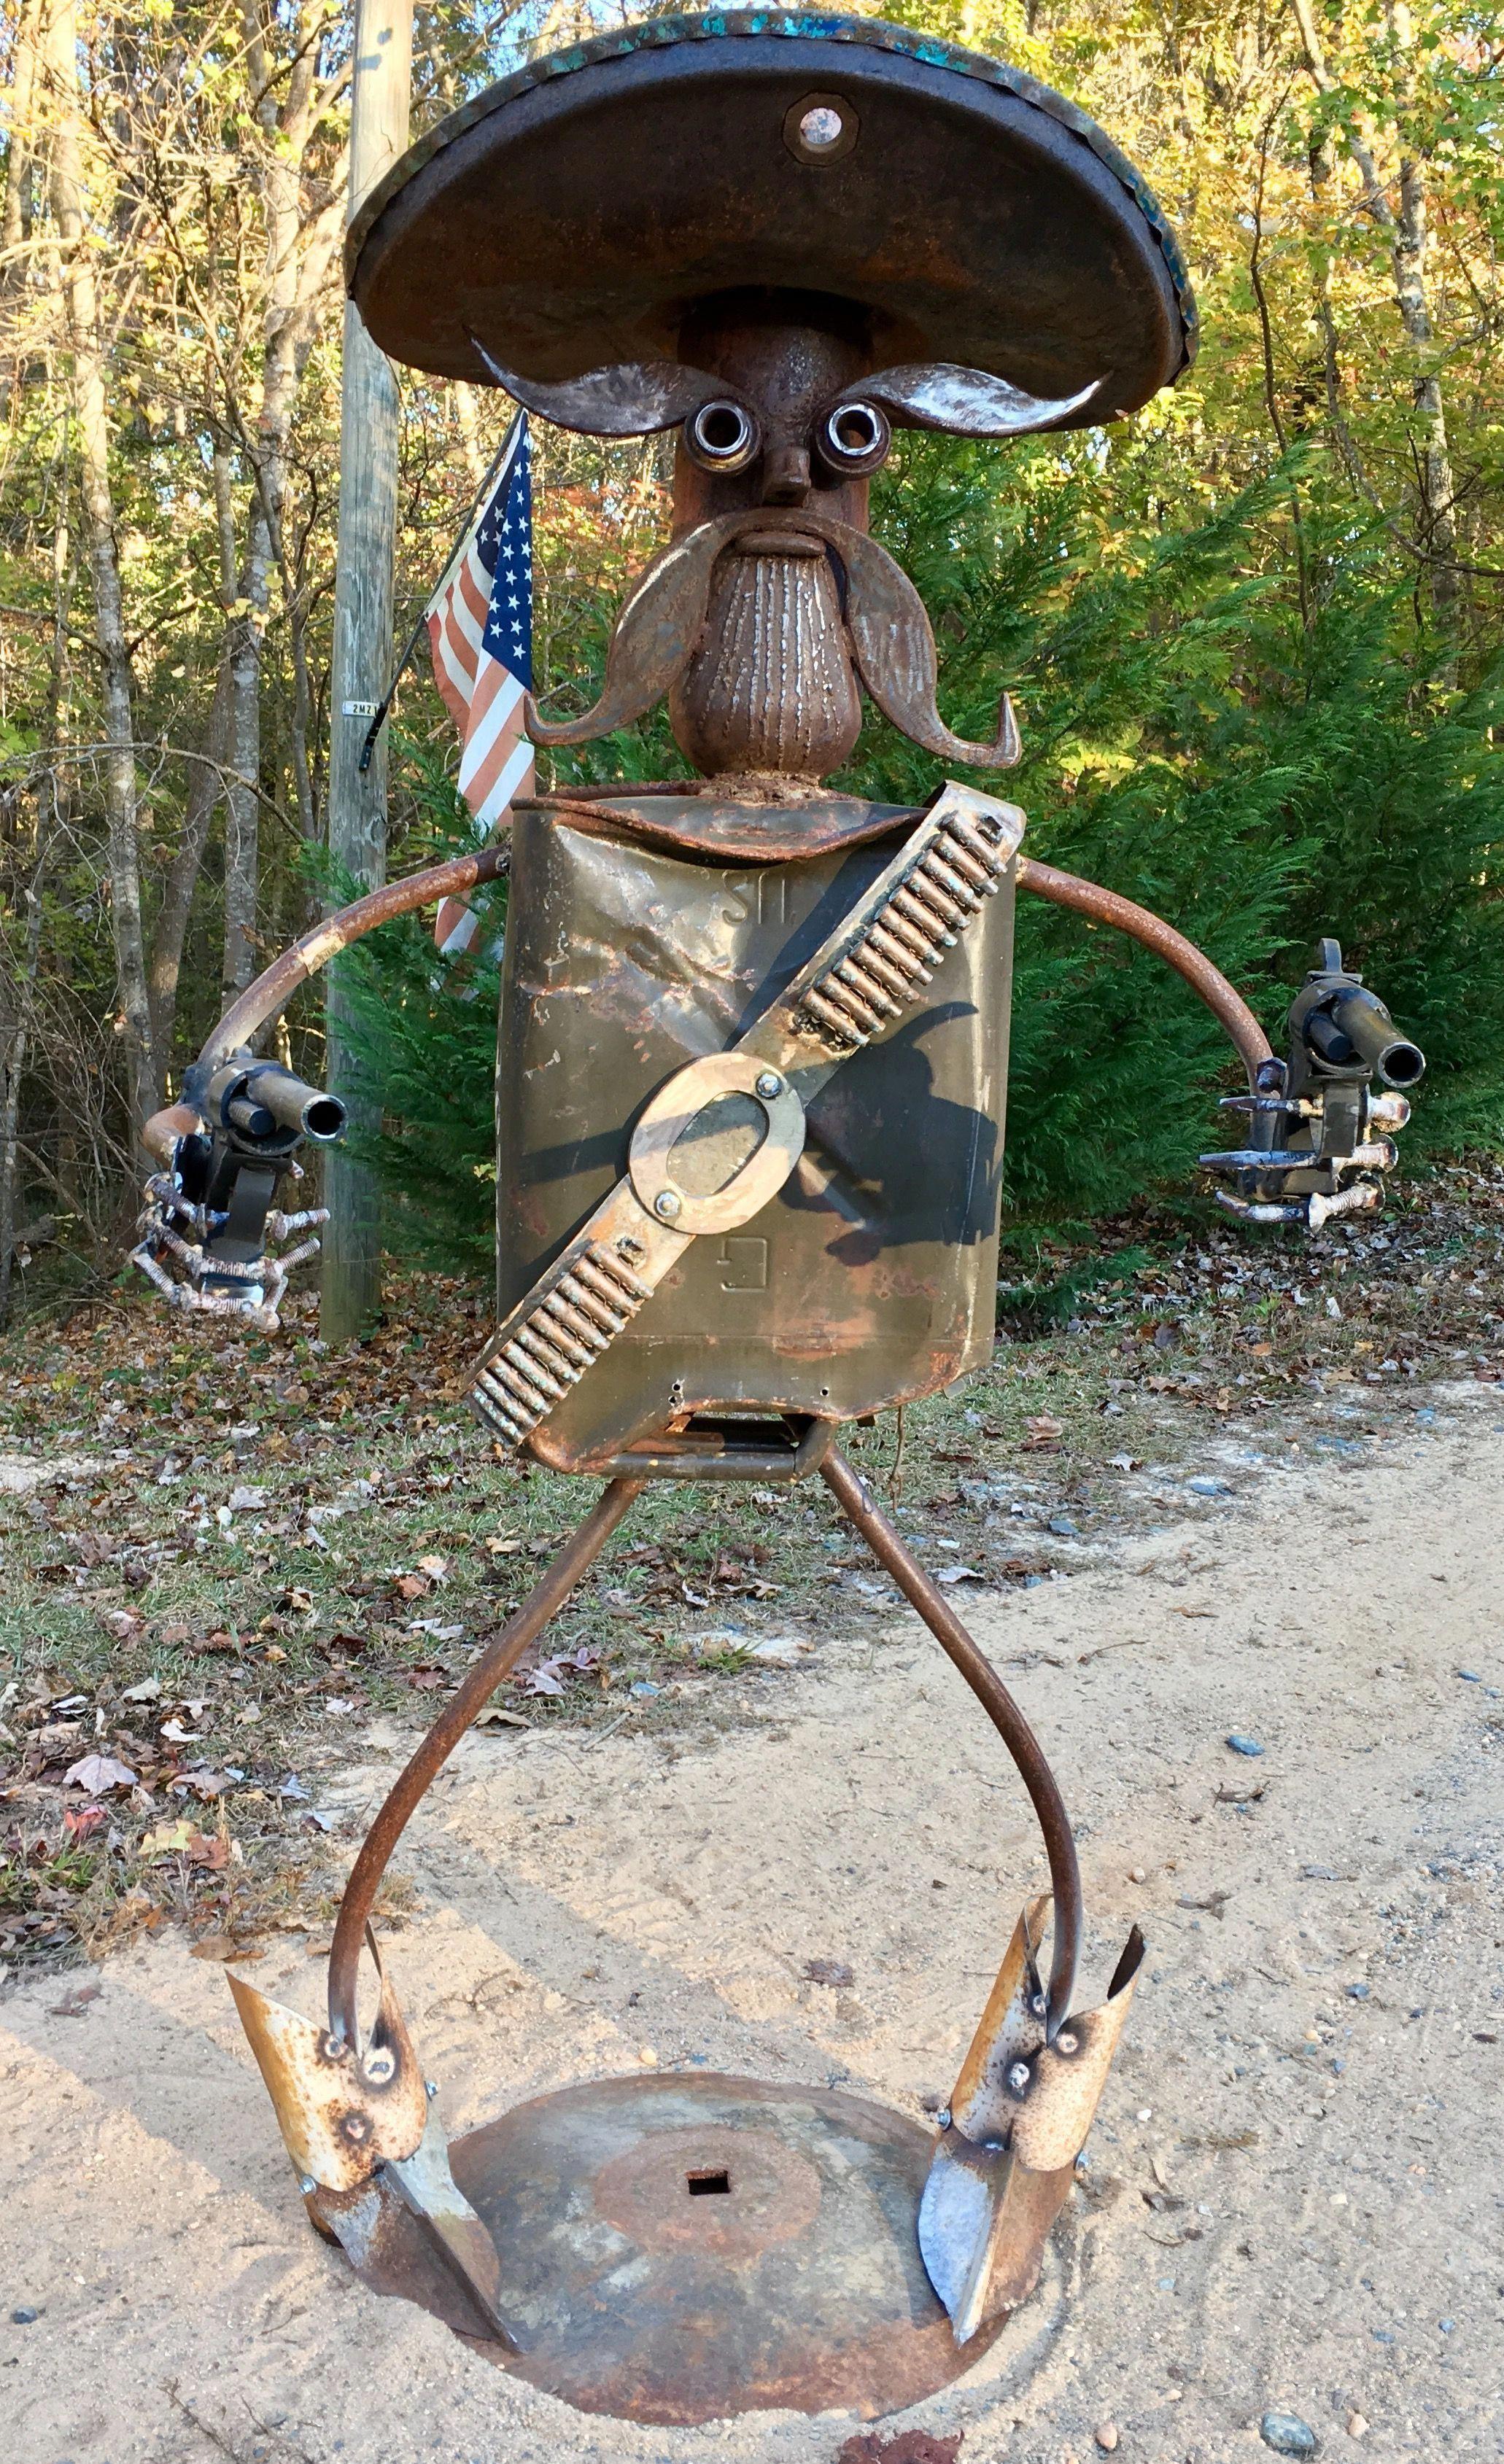 Tig Welding Art Weldingart Scrap Metal Art Metal Tree Wall Art Welding Art